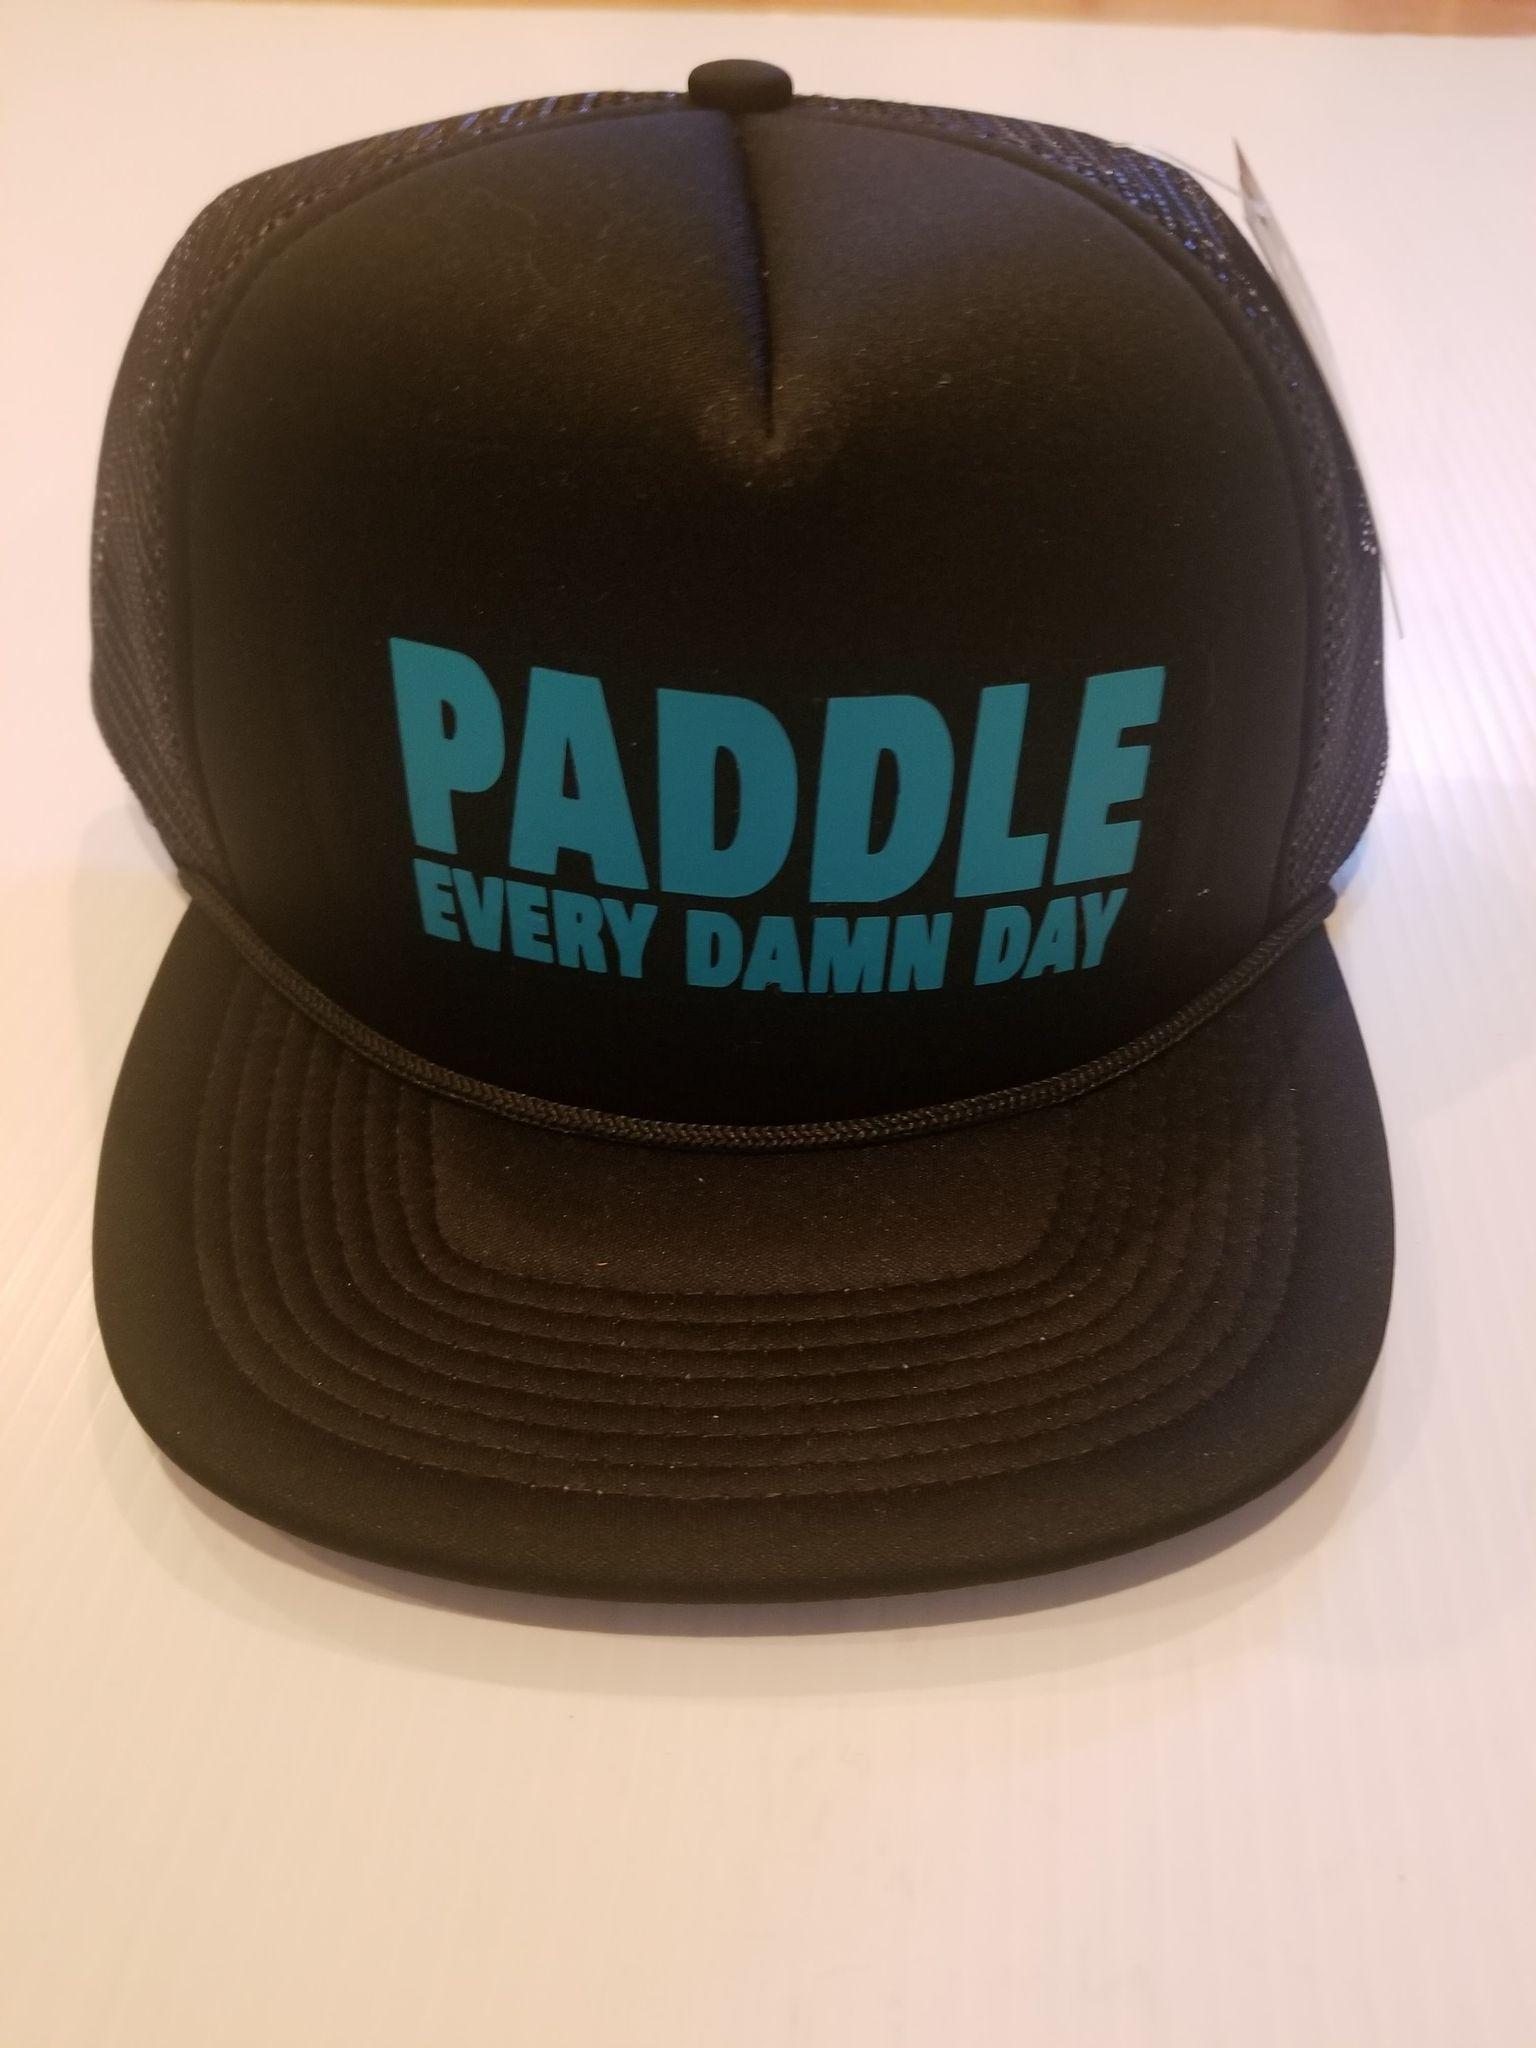 Paddle Ottawa